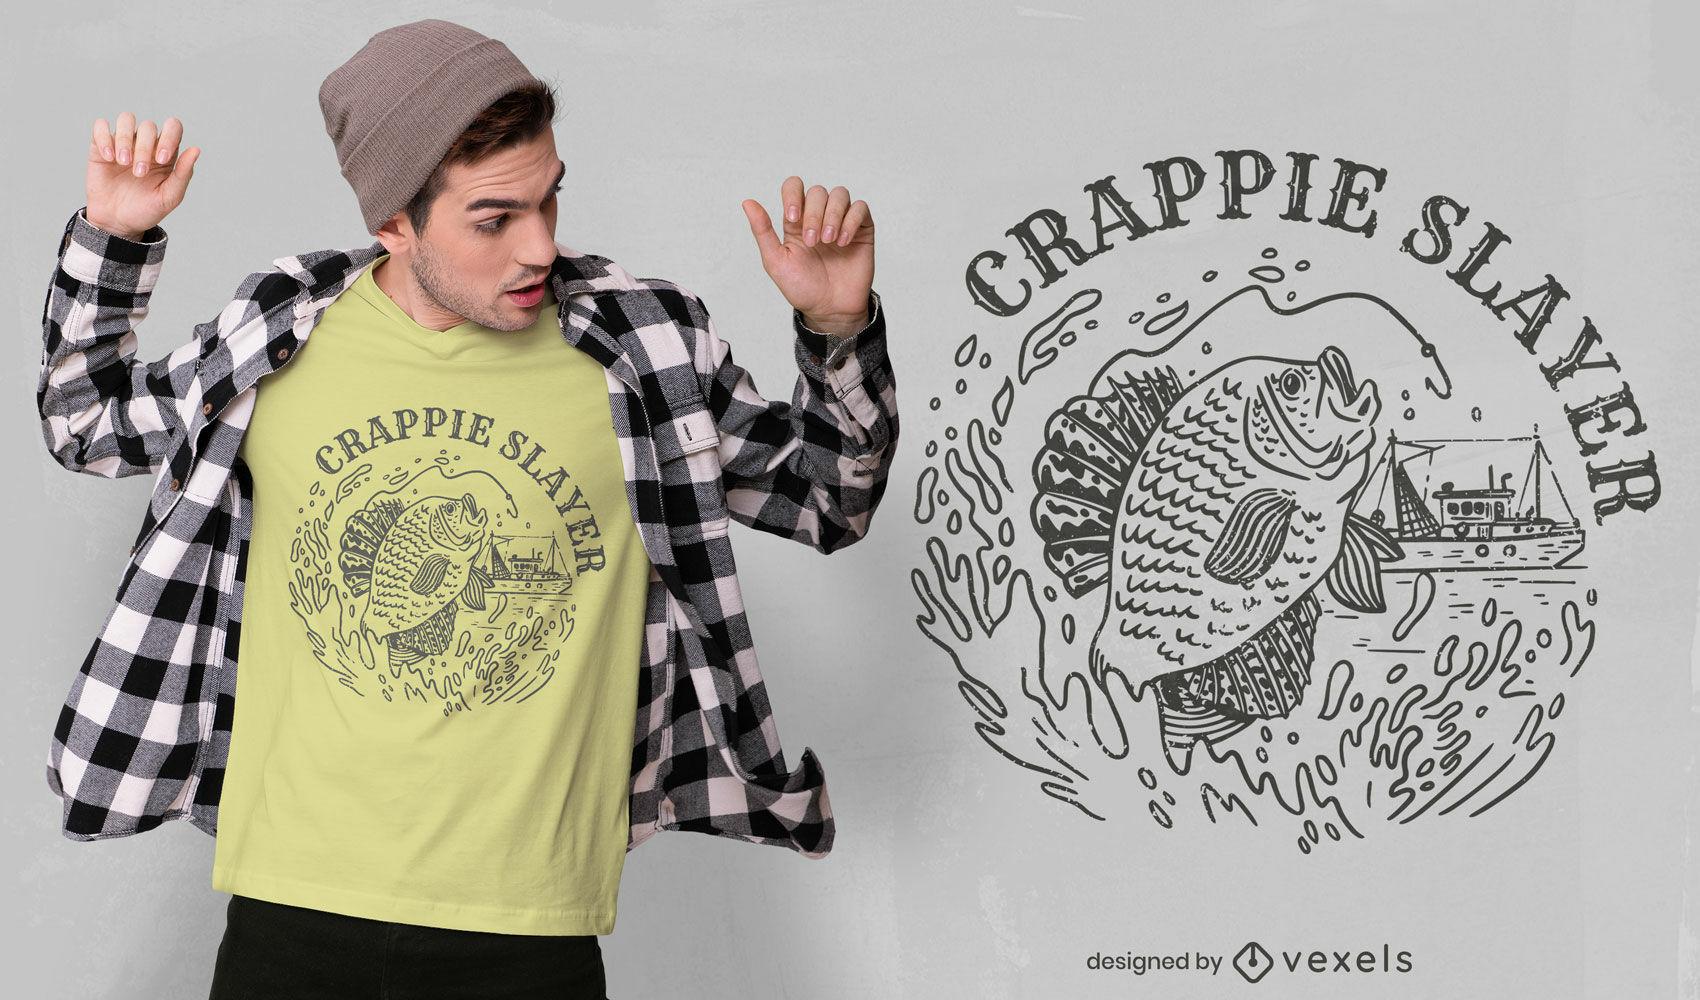 Diseño de camiseta de pesca crappie slayer